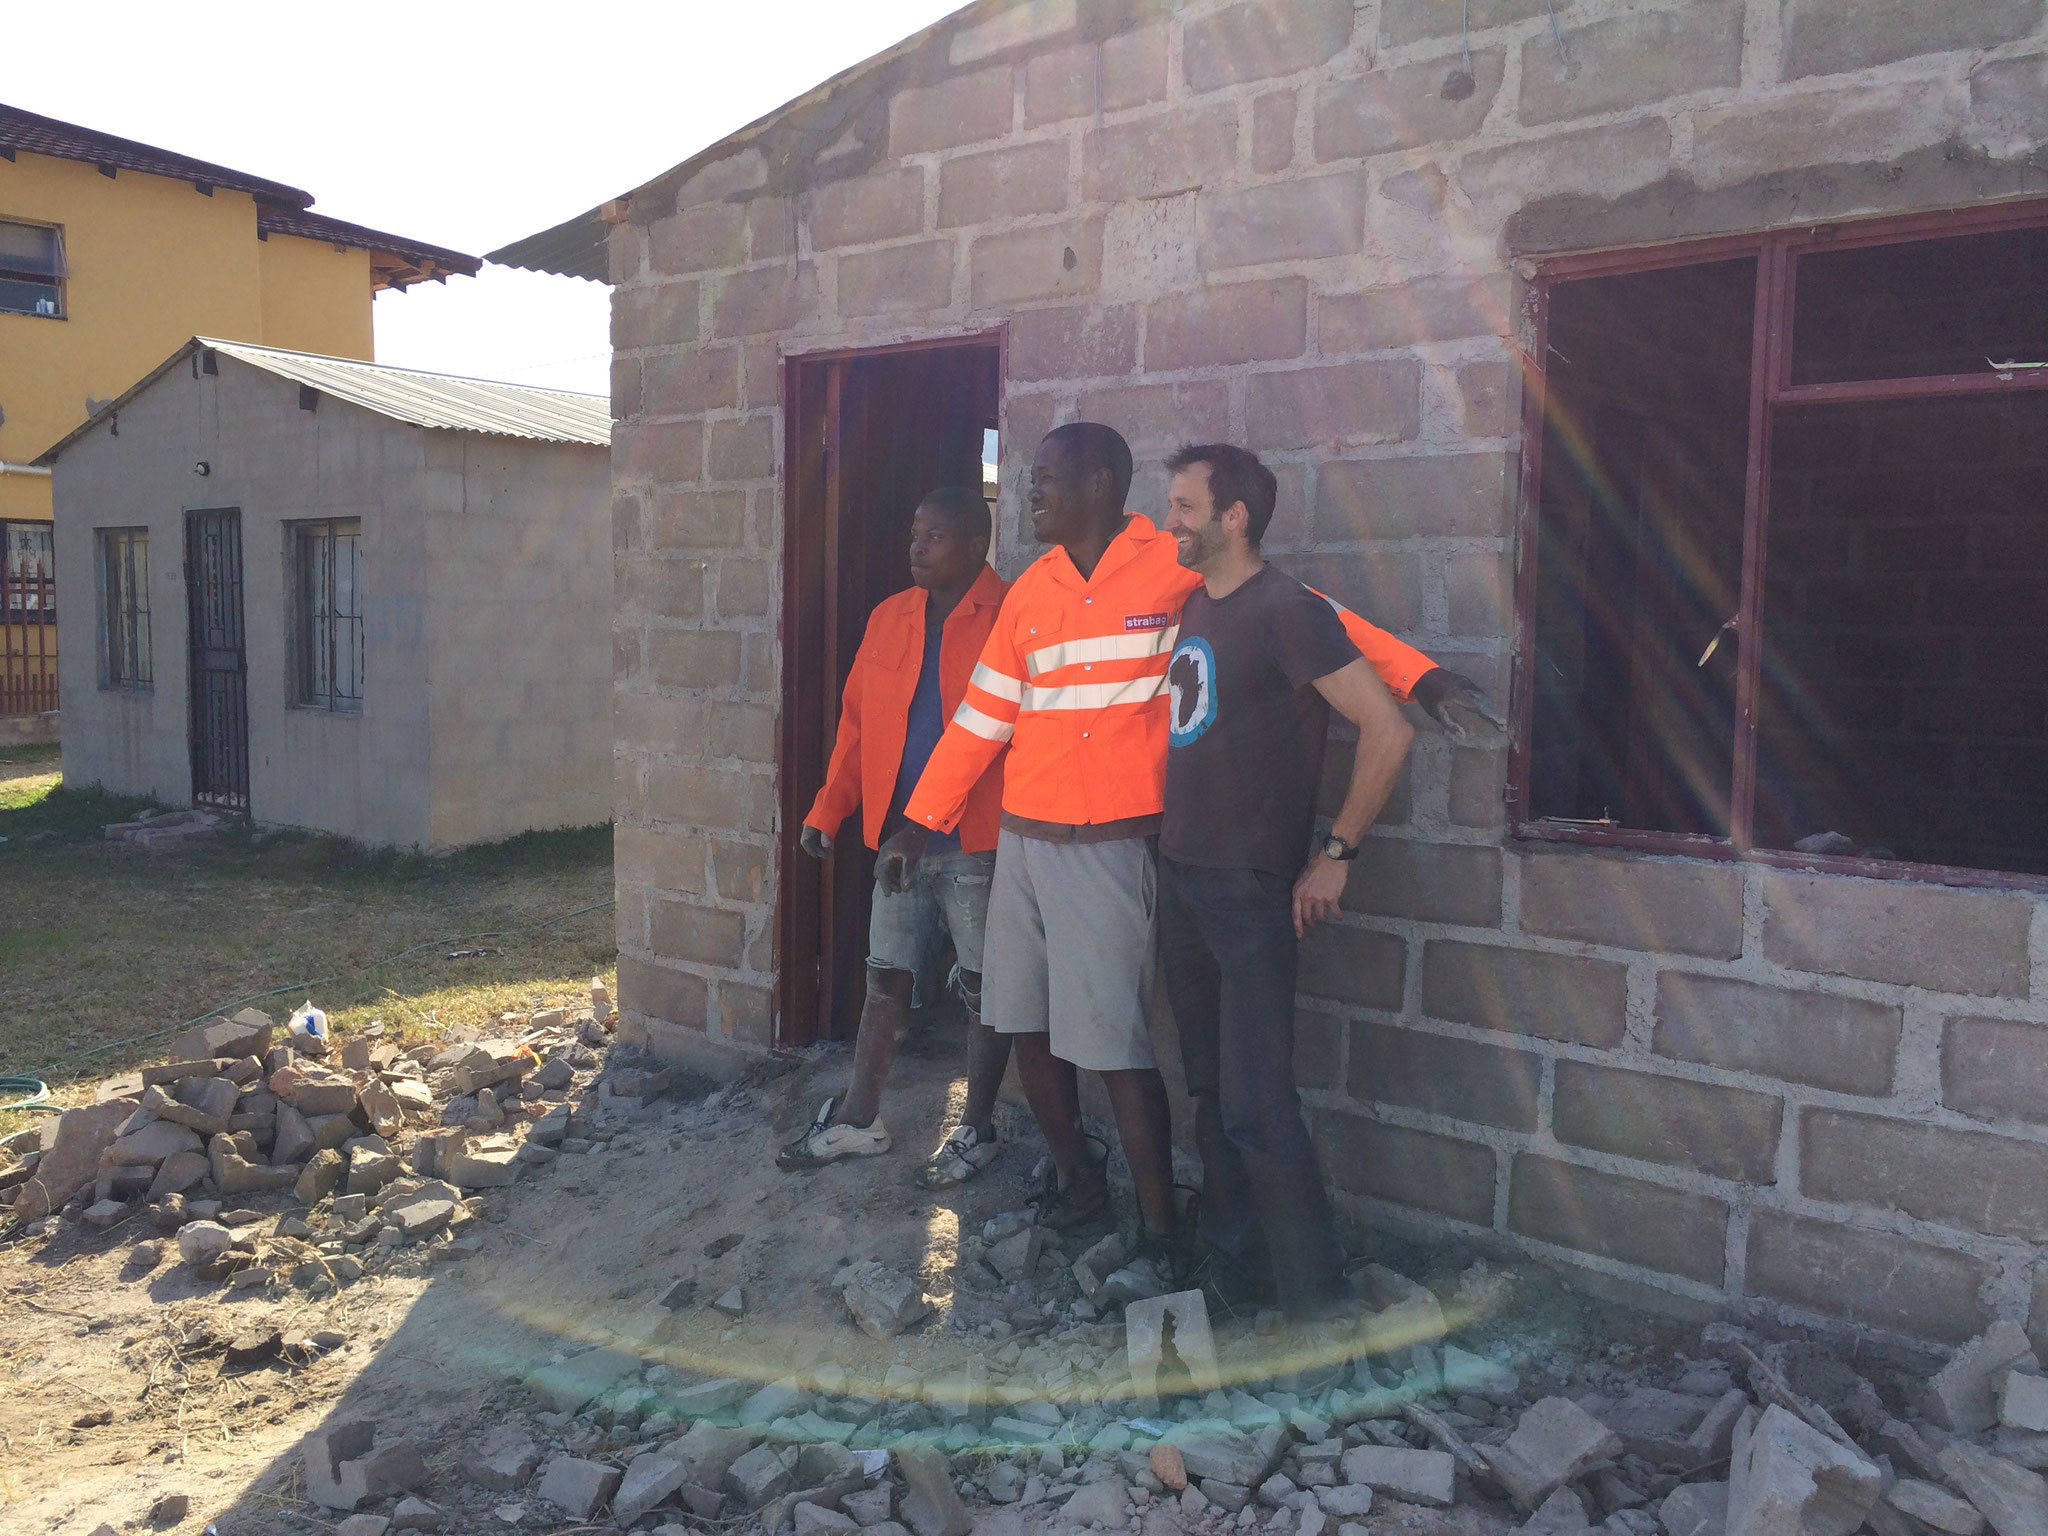 Edward und sein Helfer mit gespendeten Bauarbeiterjacken, Ruben